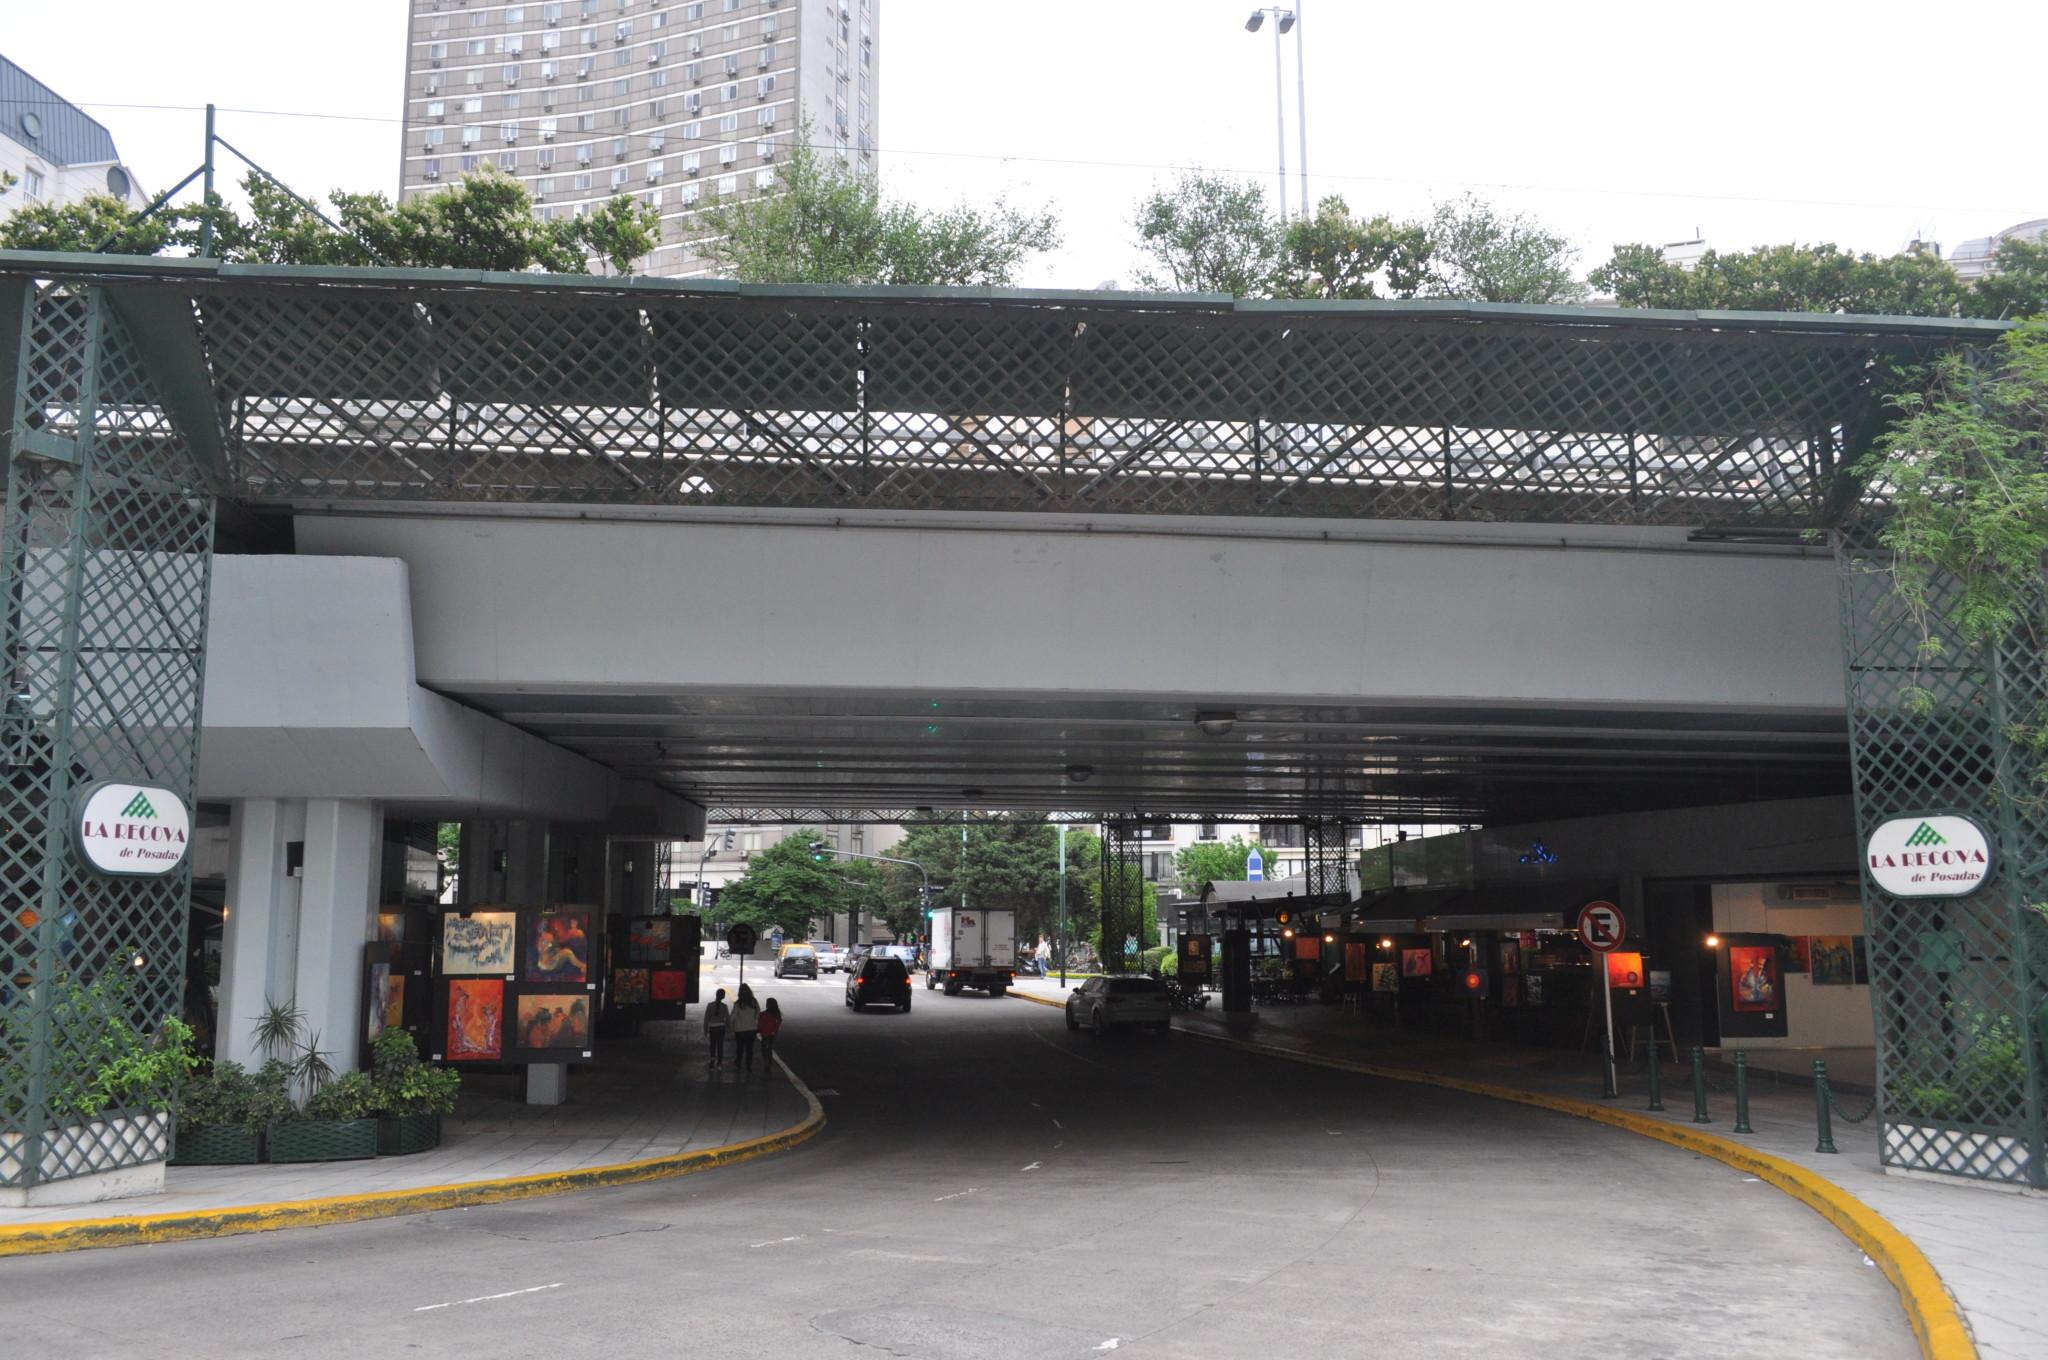 Luiza Senna / Urbanopolis